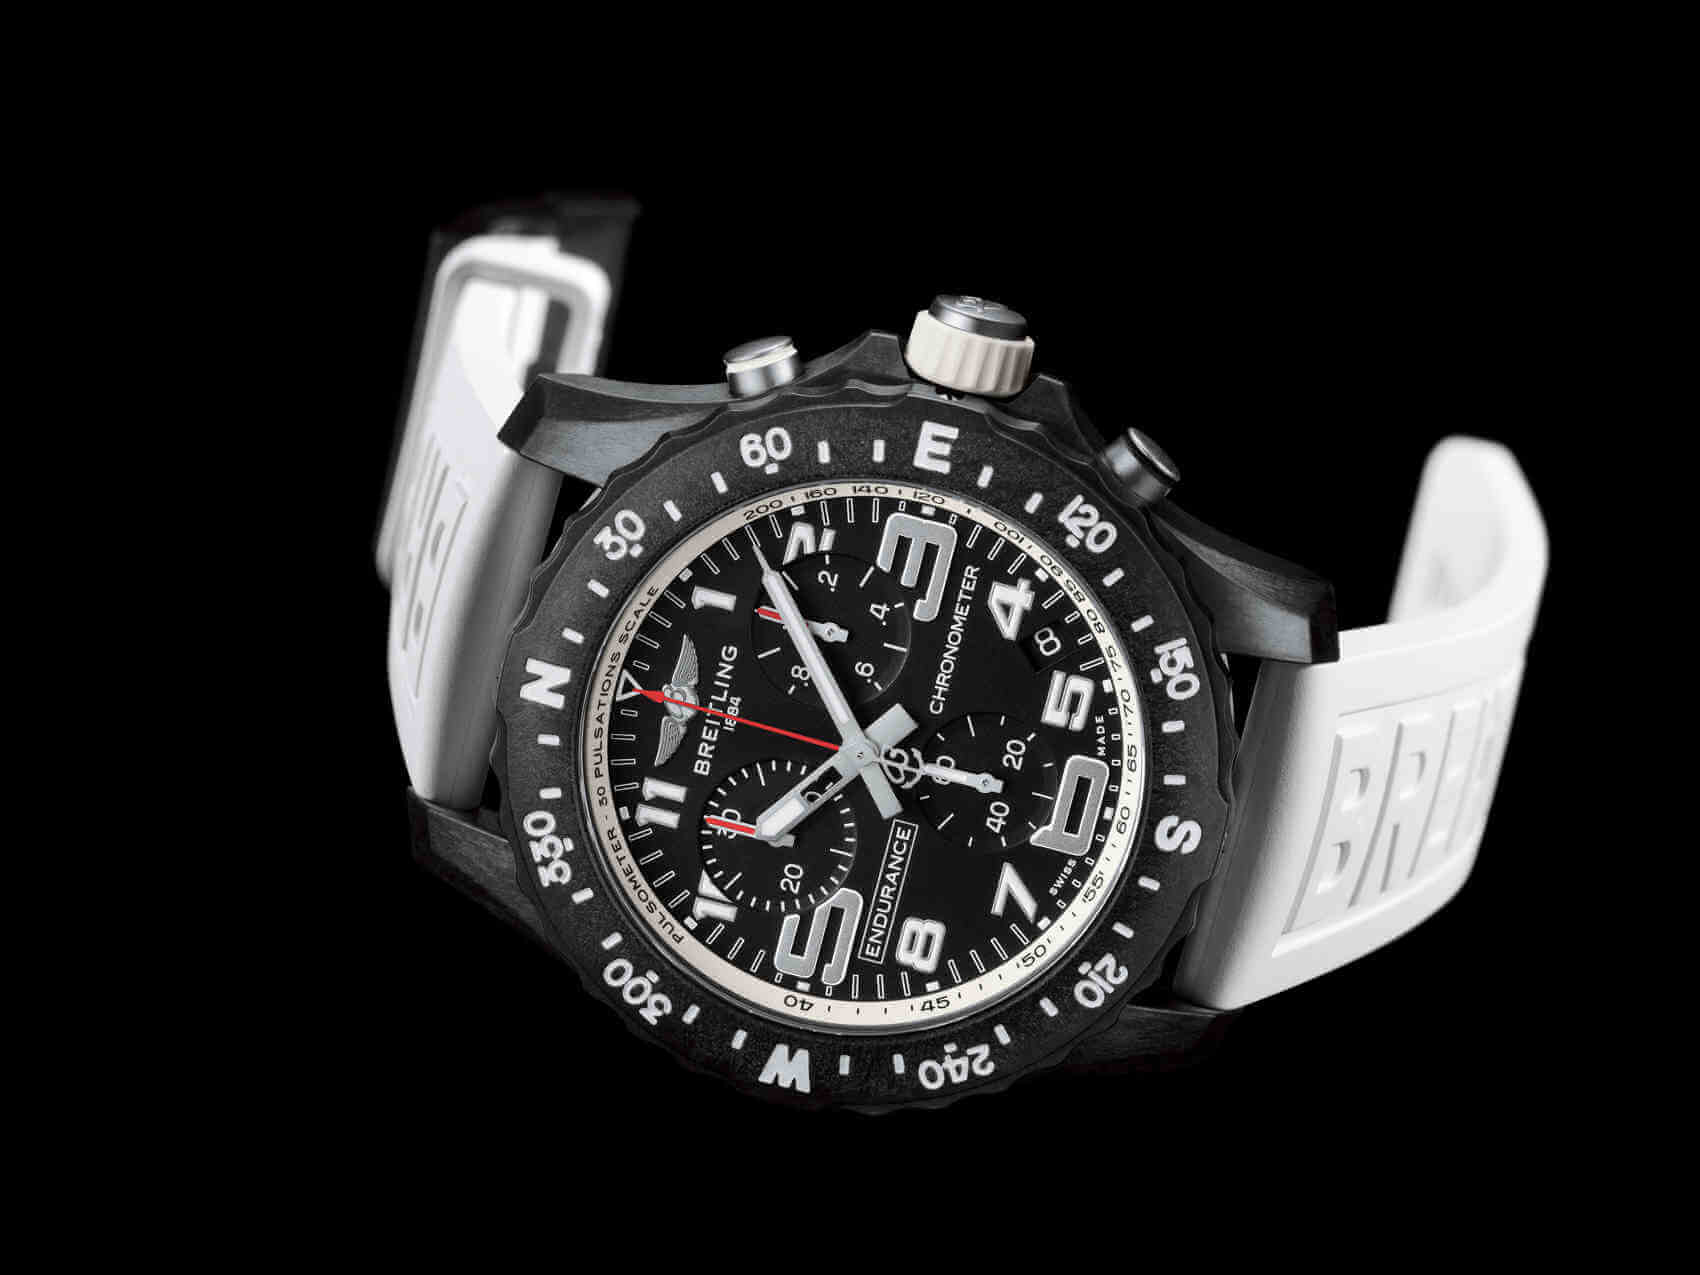 Breitling Endurance Pro blanco lifestyle